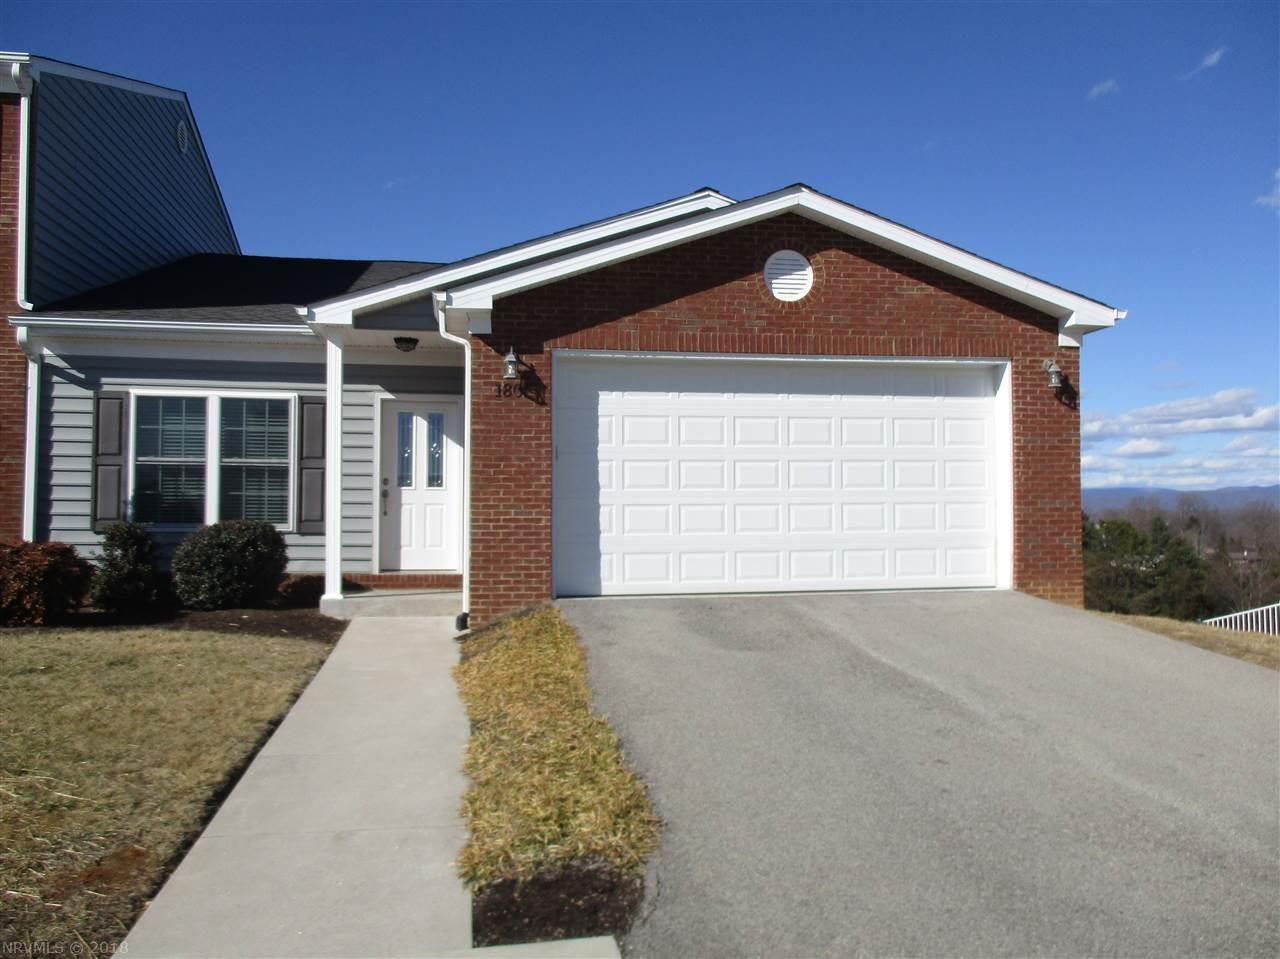 1801 Cedar Ridge Dr Radford Va 24141 Estimate And Home Details